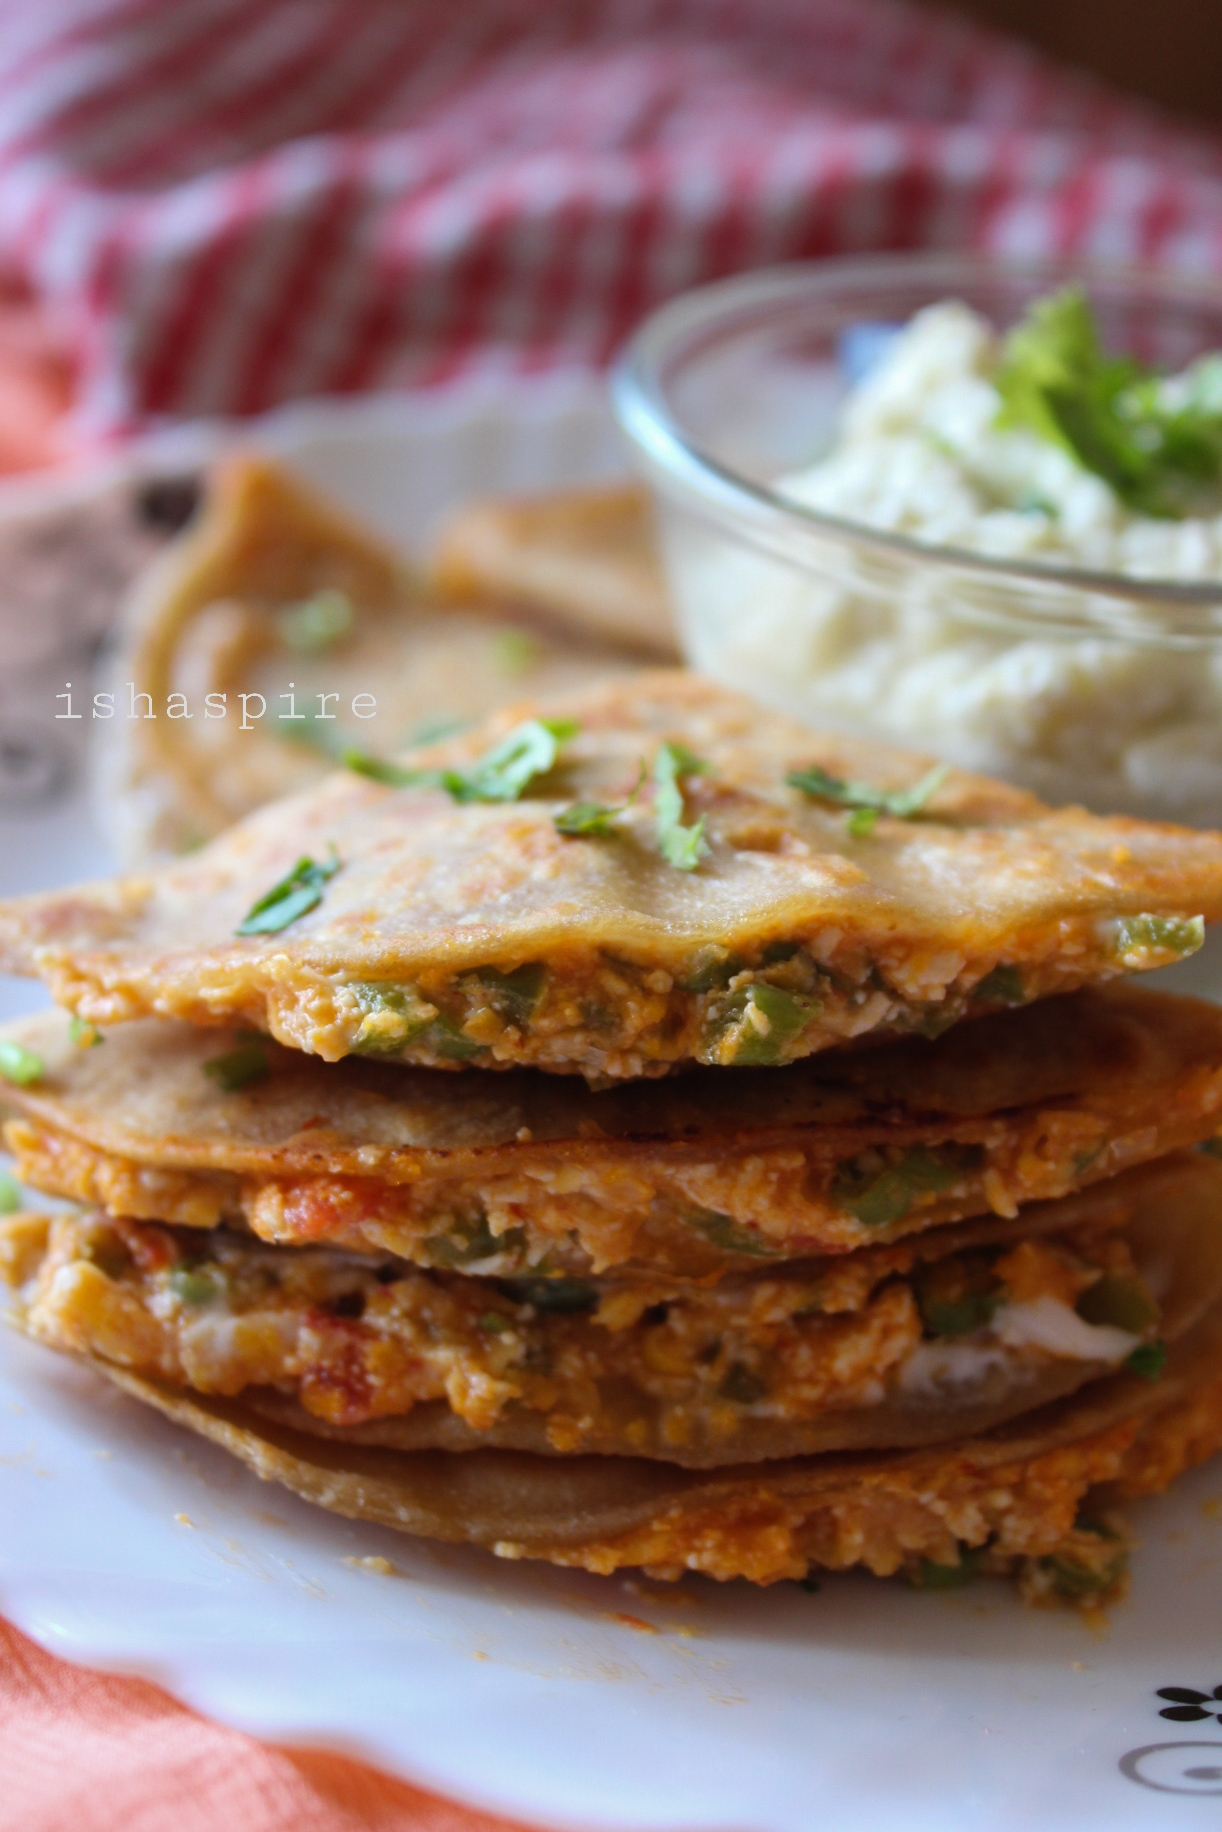 Jain Quesadillas (no onion, no garlic)